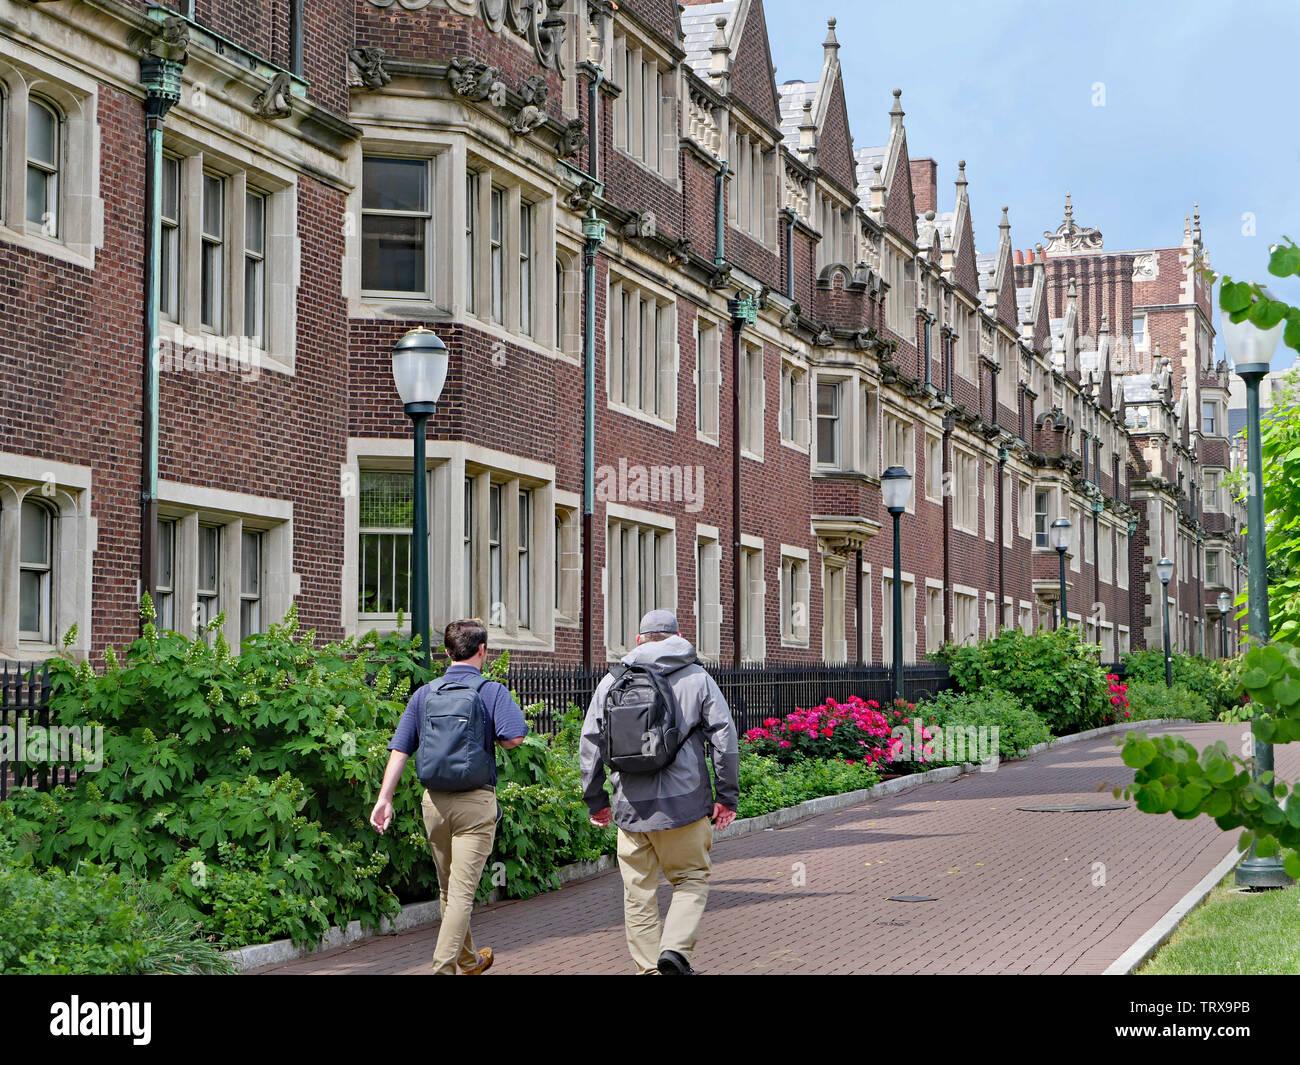 Residencia de estudiantes edificio de ladrillo de estilo gótico con elementos estilísticos, tales como ventanas y marcos de piedra alrededor de windows Imagen De Stock